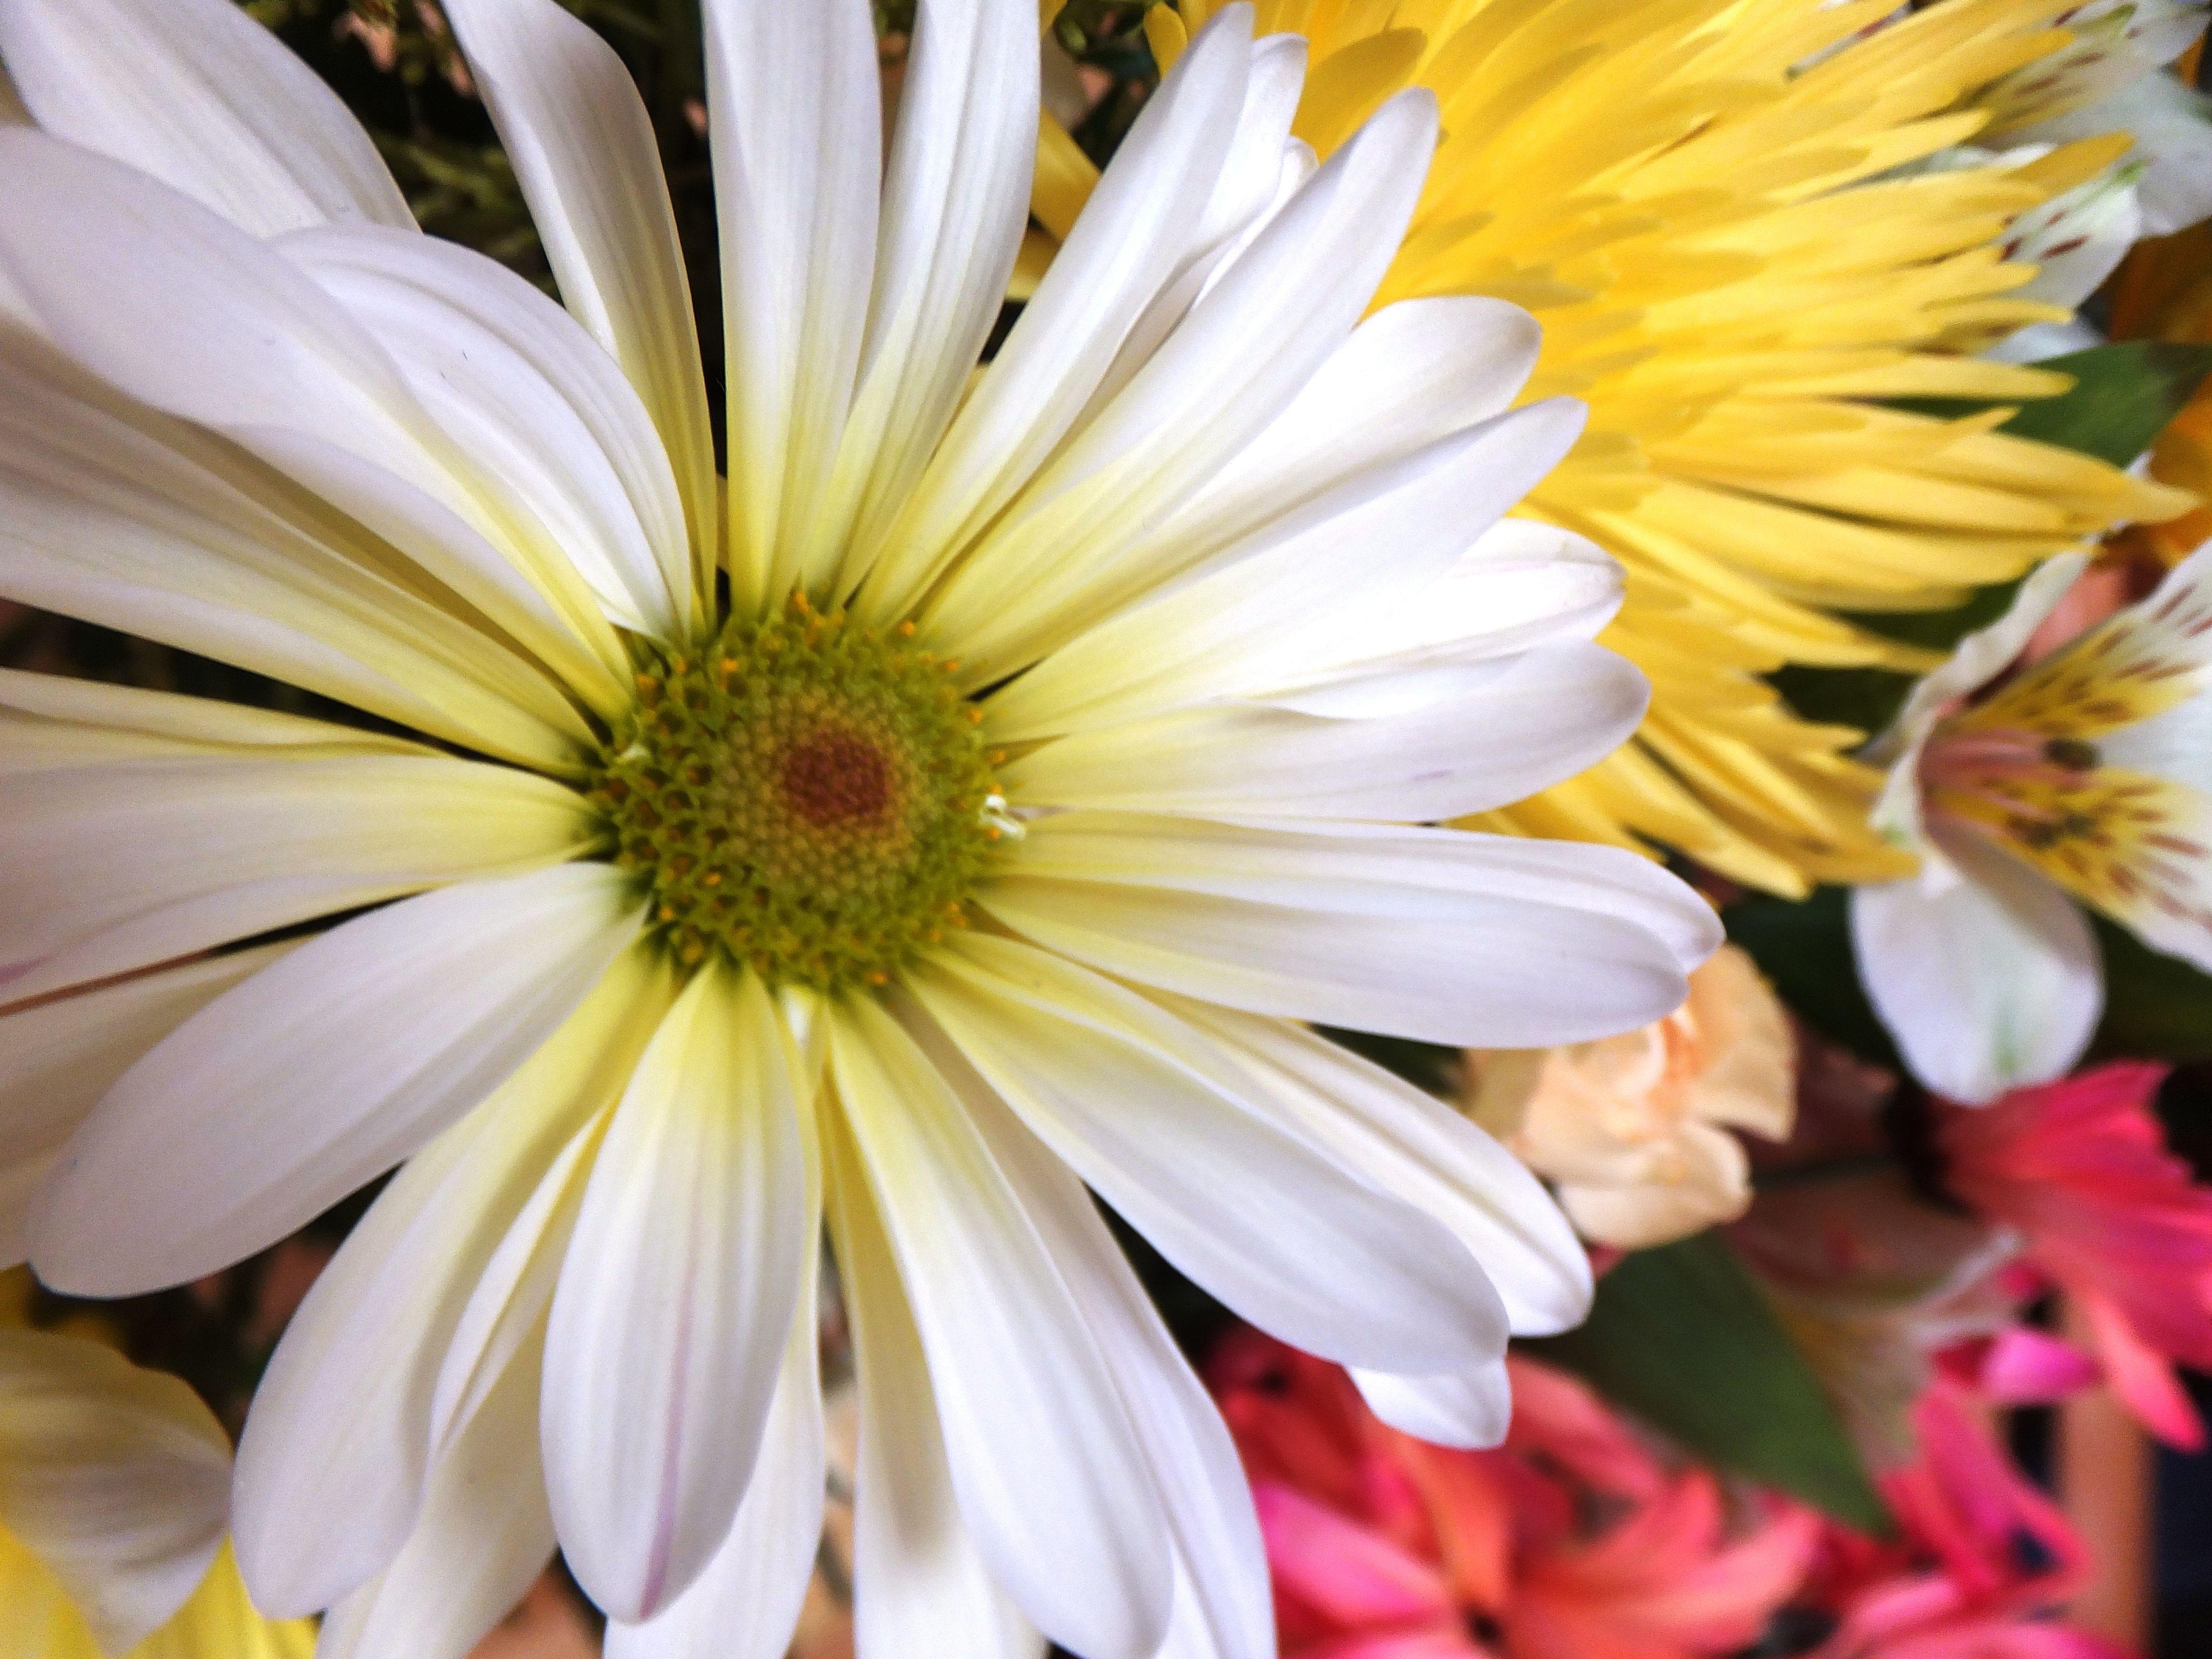 Enchanting flowers white daisy and yellow chrysanthemum enchanting flowers white daisy and yellow chrysanthemum izmirmasajfo